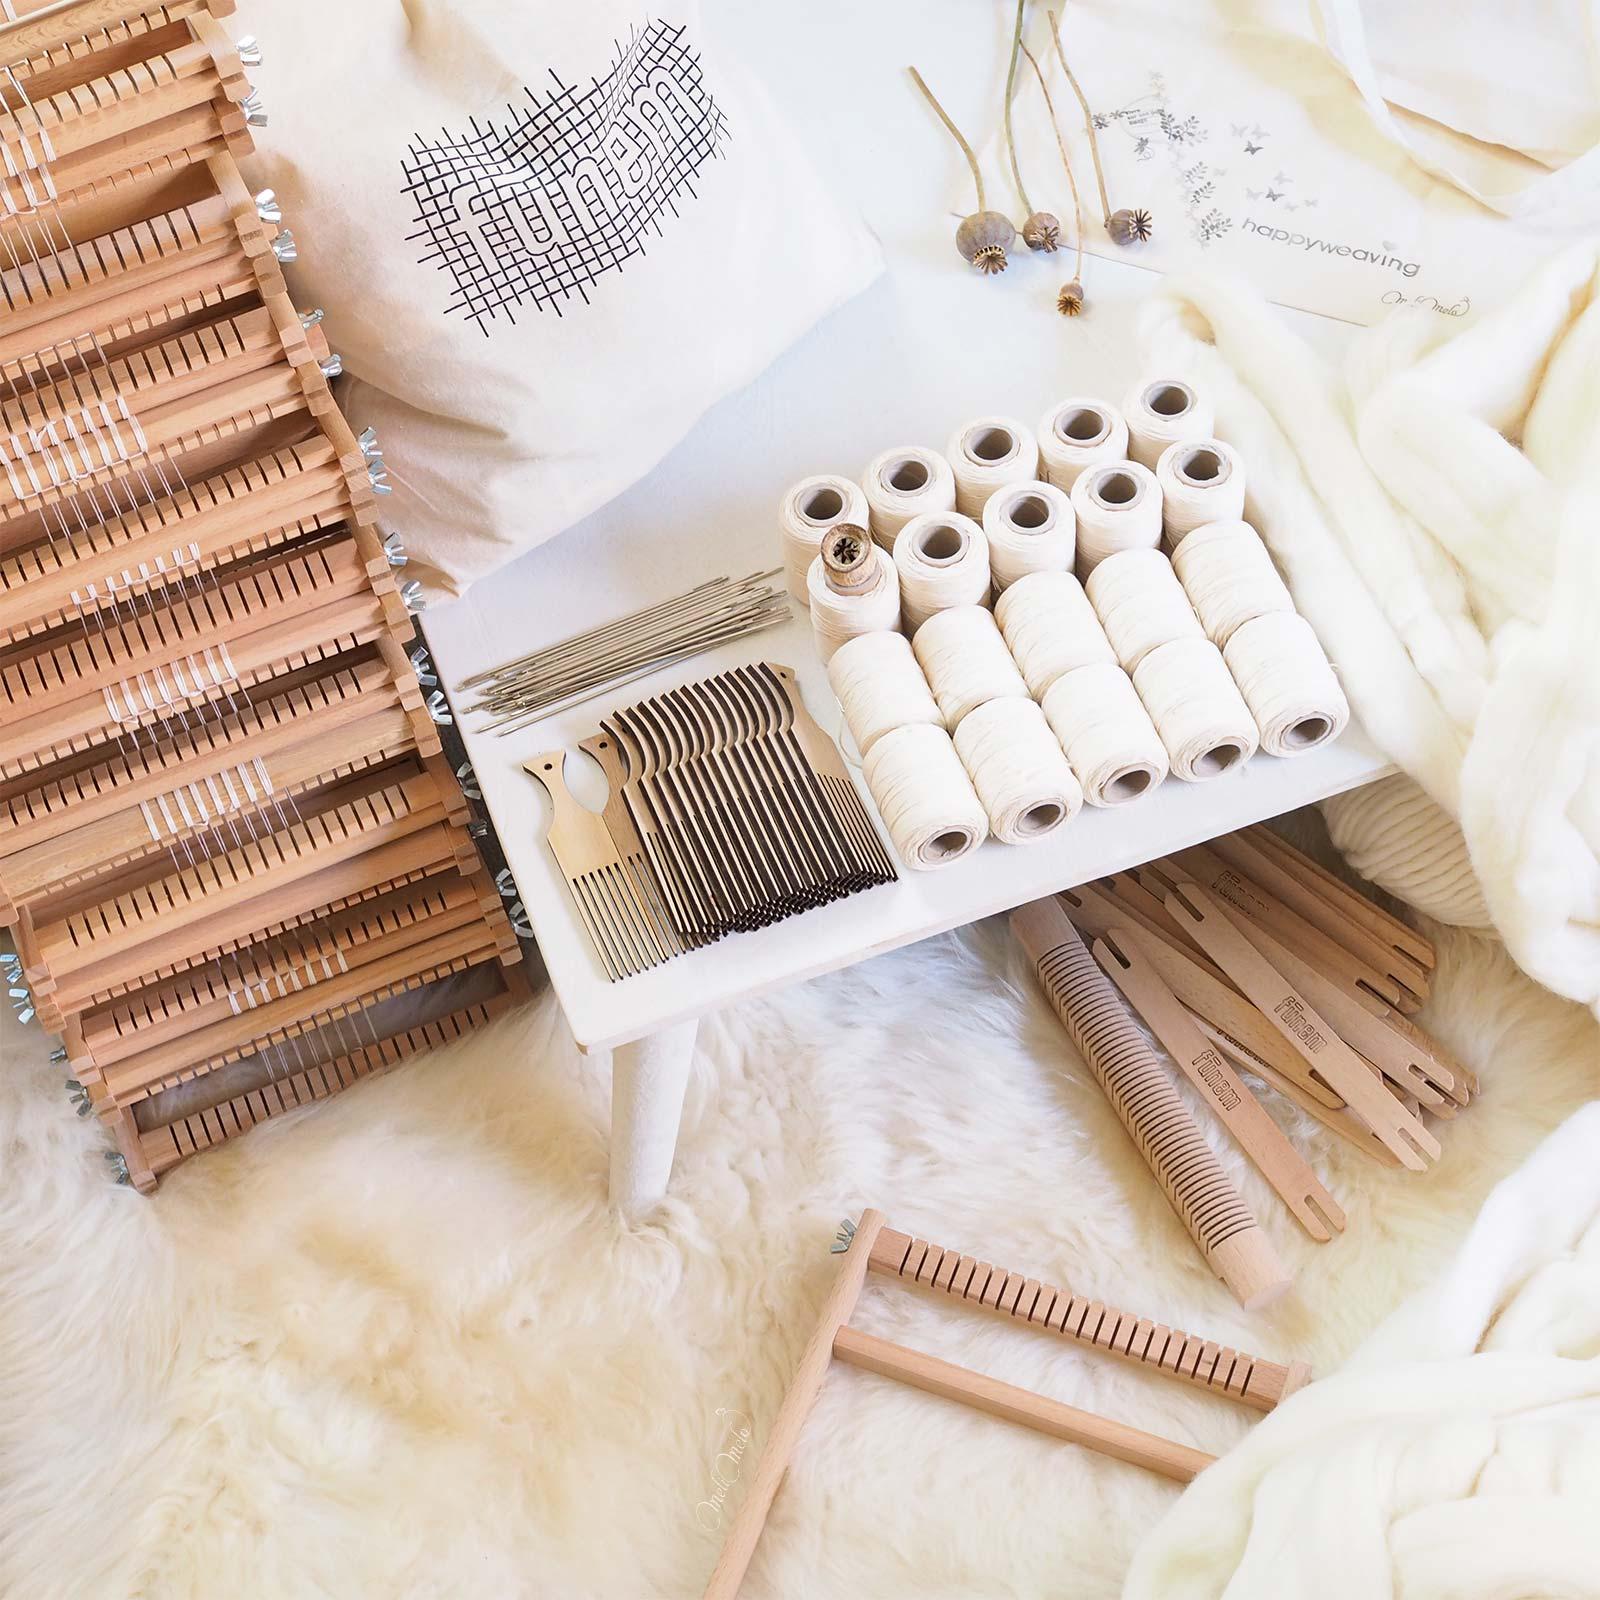 kit de tissage DIY métier à tisser coton bois funemstudio laboutiquedemelimelo